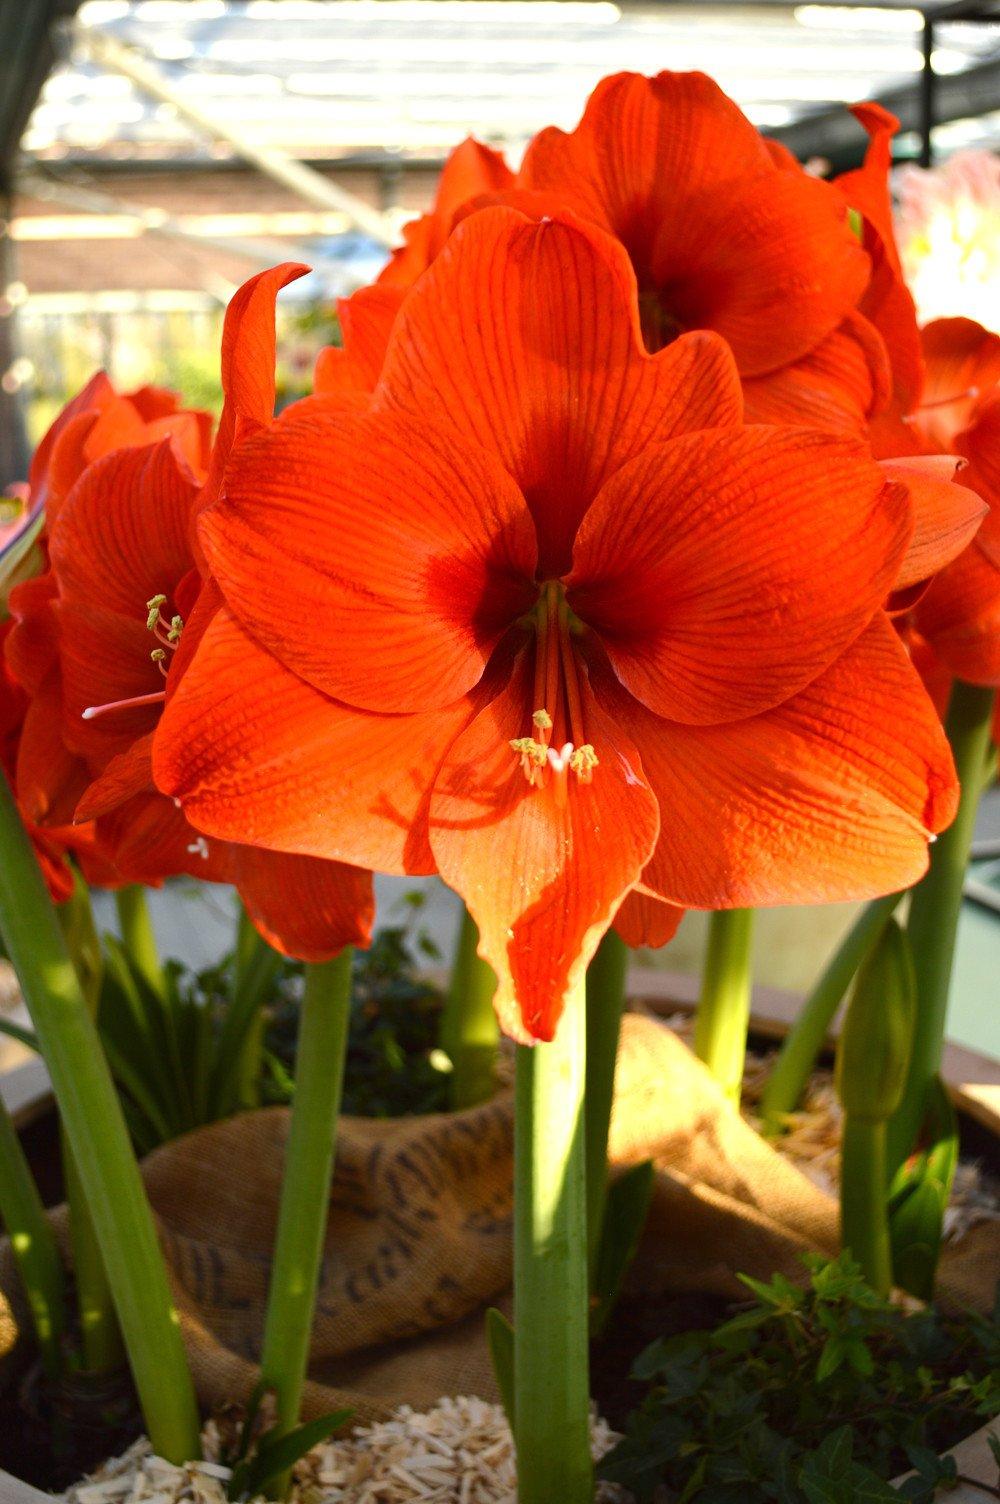 Jumbo Amaryllis Orange Desire Amaryllis Bulbs Amaryllis Amaryllis Flowers